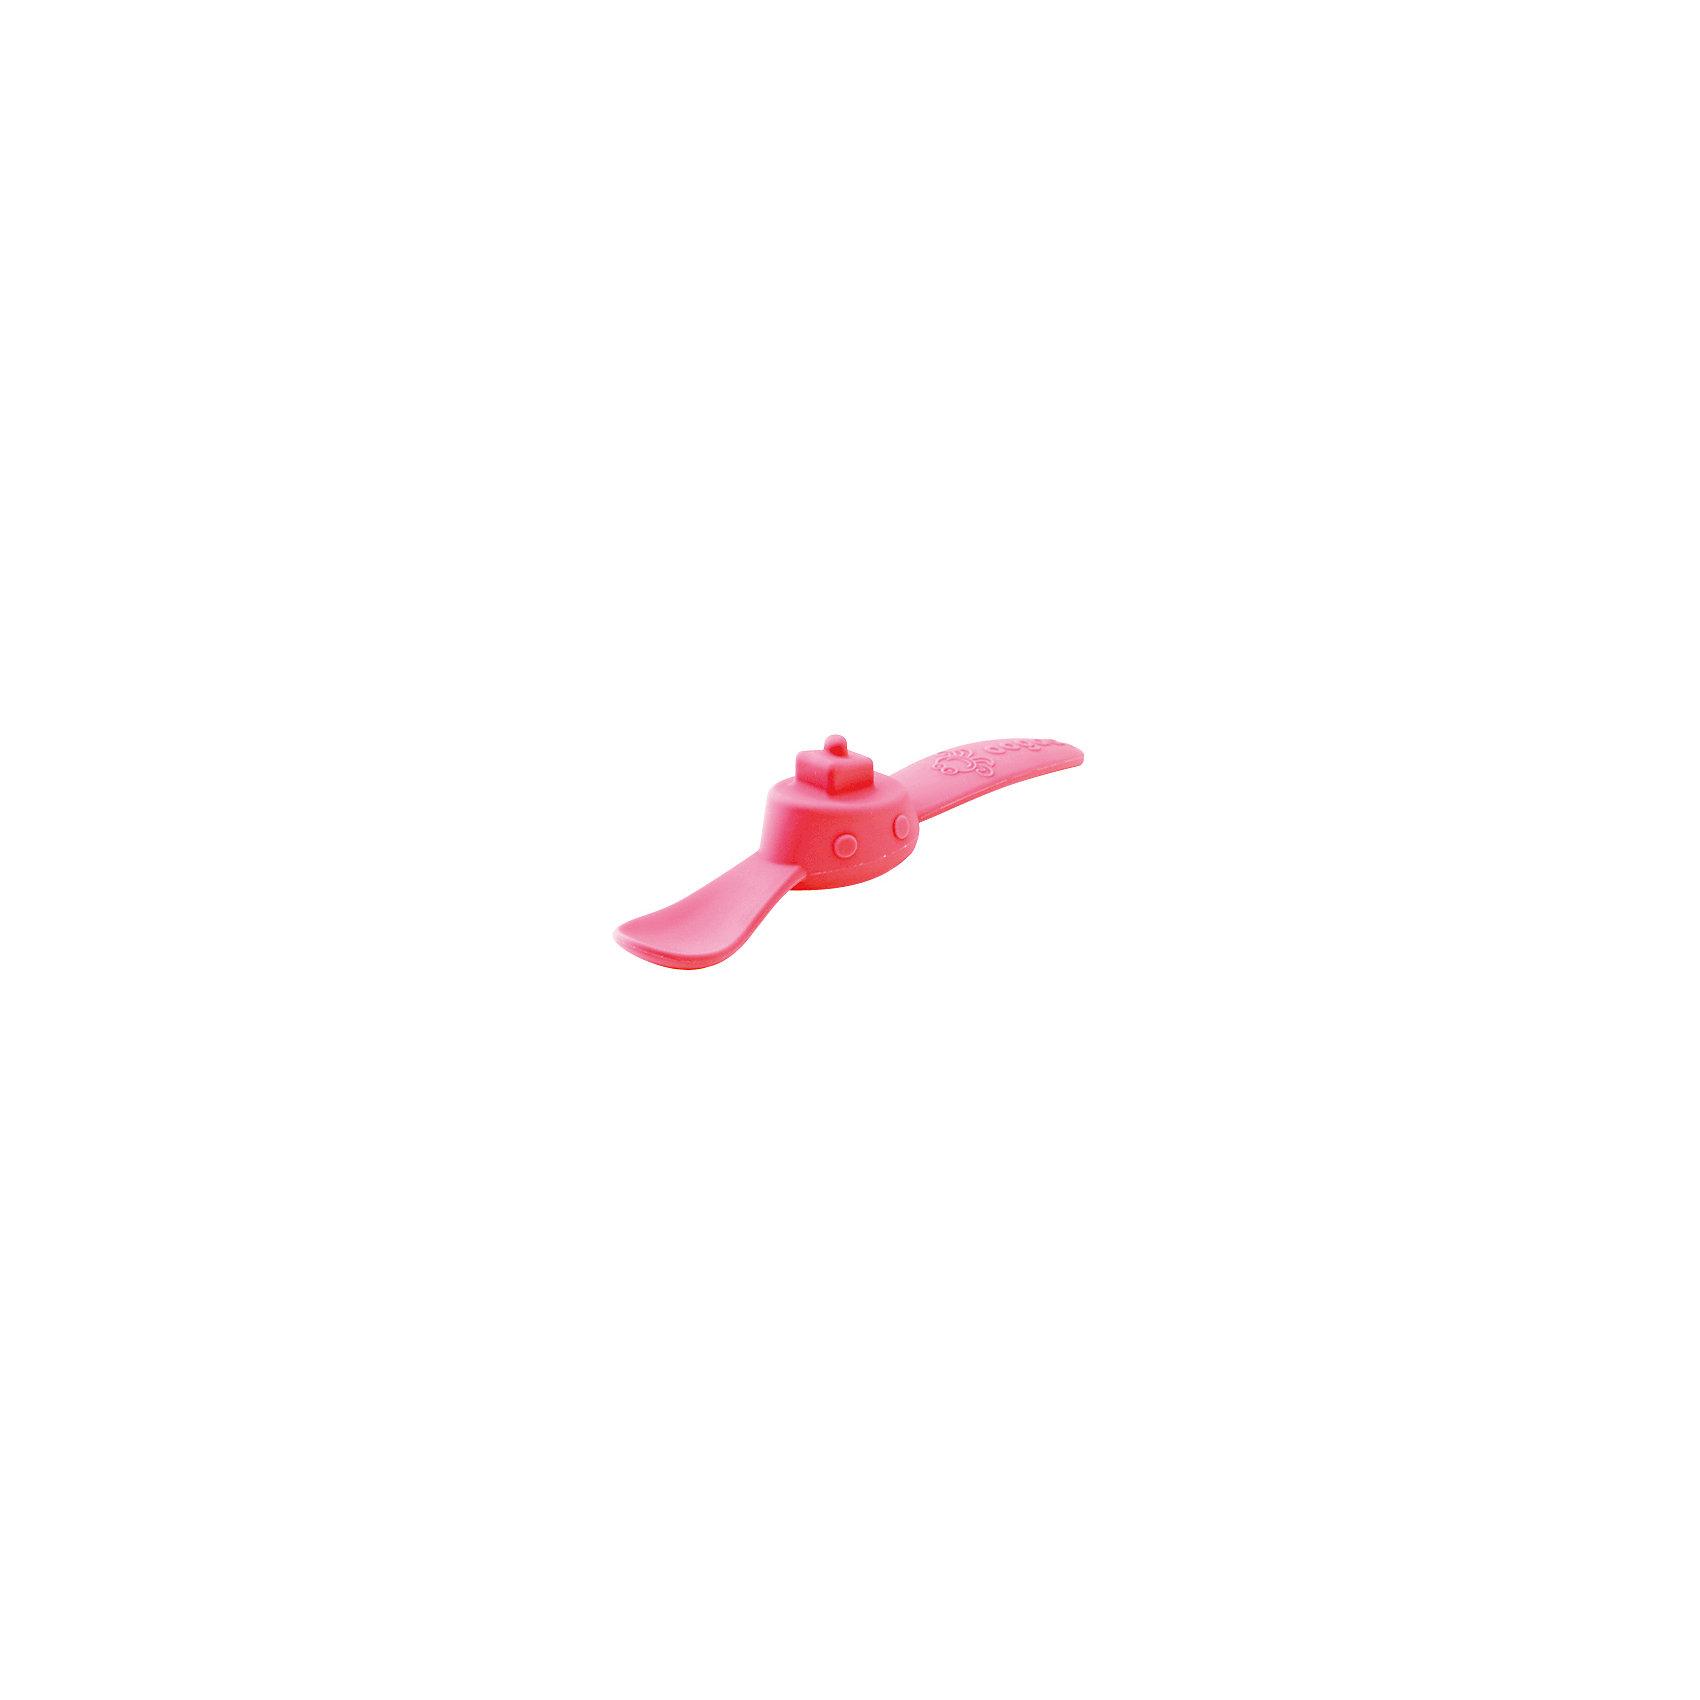 Ложка Пароход, Oogaa, розовыйПосуда для малышей<br>Ложка Пароход, Oogaa (Оогаа), розовый в форме парохода прекрасно подойдет для кормления самых маленьких детей. Малыши будут кушать с удовольствием и интересом, ведь теперь процесс питания превращается в забавную игру. При этом эргономичная силиконовая форма ложки не травмирует десны и отлично подходит как для кормления самых маленьких детей, так и для малышей, которые только учатся сами держать ложечку в руке.  Эта ложка – настоящая находка для мамы!<br><br>Характеристики:<br>-Изготовлена из высококачественного нетоксичного силикона, который не имеет запаха и вкуса, не выделяет химических веществ, не способствует распространению бактерий<br>-Подходит для ручной мойки, посудомоечных машин и стерилизаторов, микроволновой печи<br>-Не травмирует десны малыша <br>-Выполнена в ярком цвете и необычном дизайне, что позволяет превратить обычные завтрак или обед в забавную игру<br><br>Дополнительная информация:<br>-Цвет: розовый<br>-Размеры ложки: 18 см<br>-Вес в упаковке: 73 г<br>-Материалы: силикон<br><br>Замечательная ложка для кормления в форме парохода поможет превратить кормление малыша в праздник! <br><br>Ложку Пароход, Oogaa (Оогаа), розовый можно купить в нашем магазине.<br><br>Ширина мм: 250<br>Глубина мм: 90<br>Высота мм: 35<br>Вес г: 73<br>Возраст от месяцев: 3<br>Возраст до месяцев: 36<br>Пол: Унисекс<br>Возраст: Детский<br>SKU: 4053698